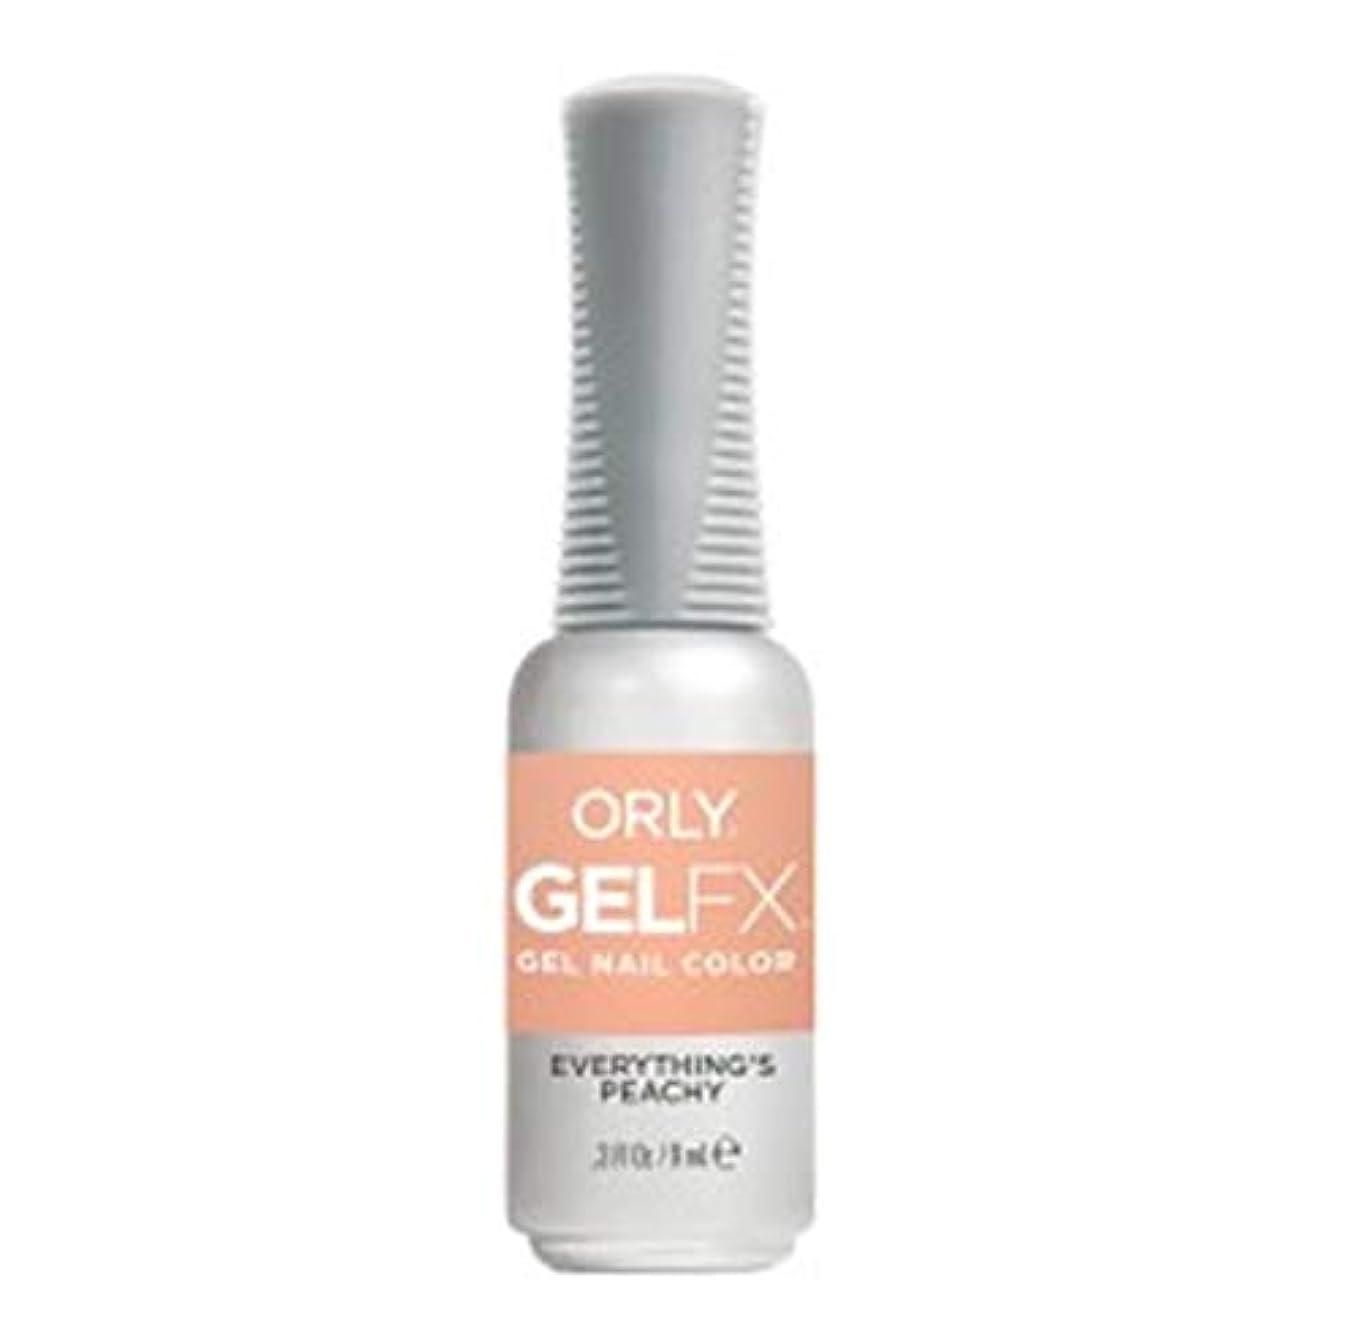 特権的要求する深遠ORLY Gel FX - Radical Optimism 2019 Collection - Everything's Peachy - 0.3 oz / 9 mL